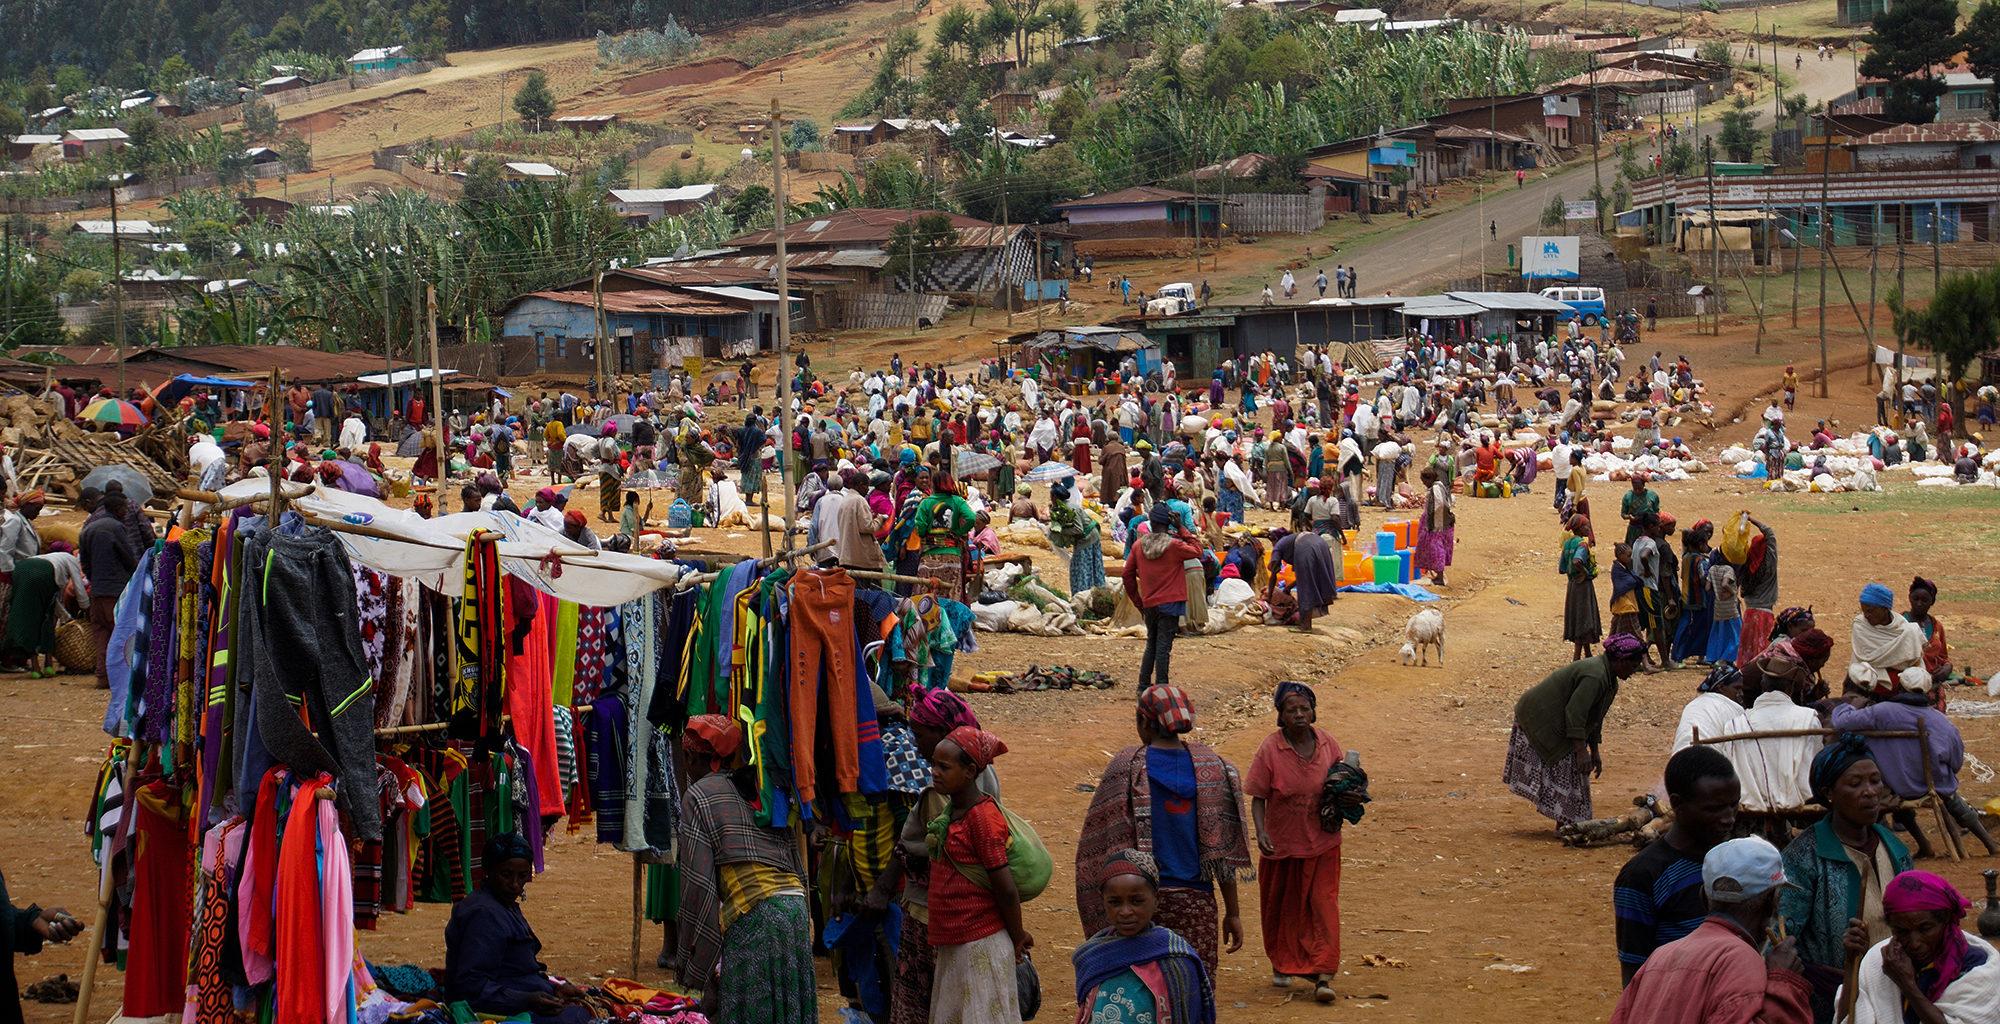 Ethiopia-Arba-Minch-Market